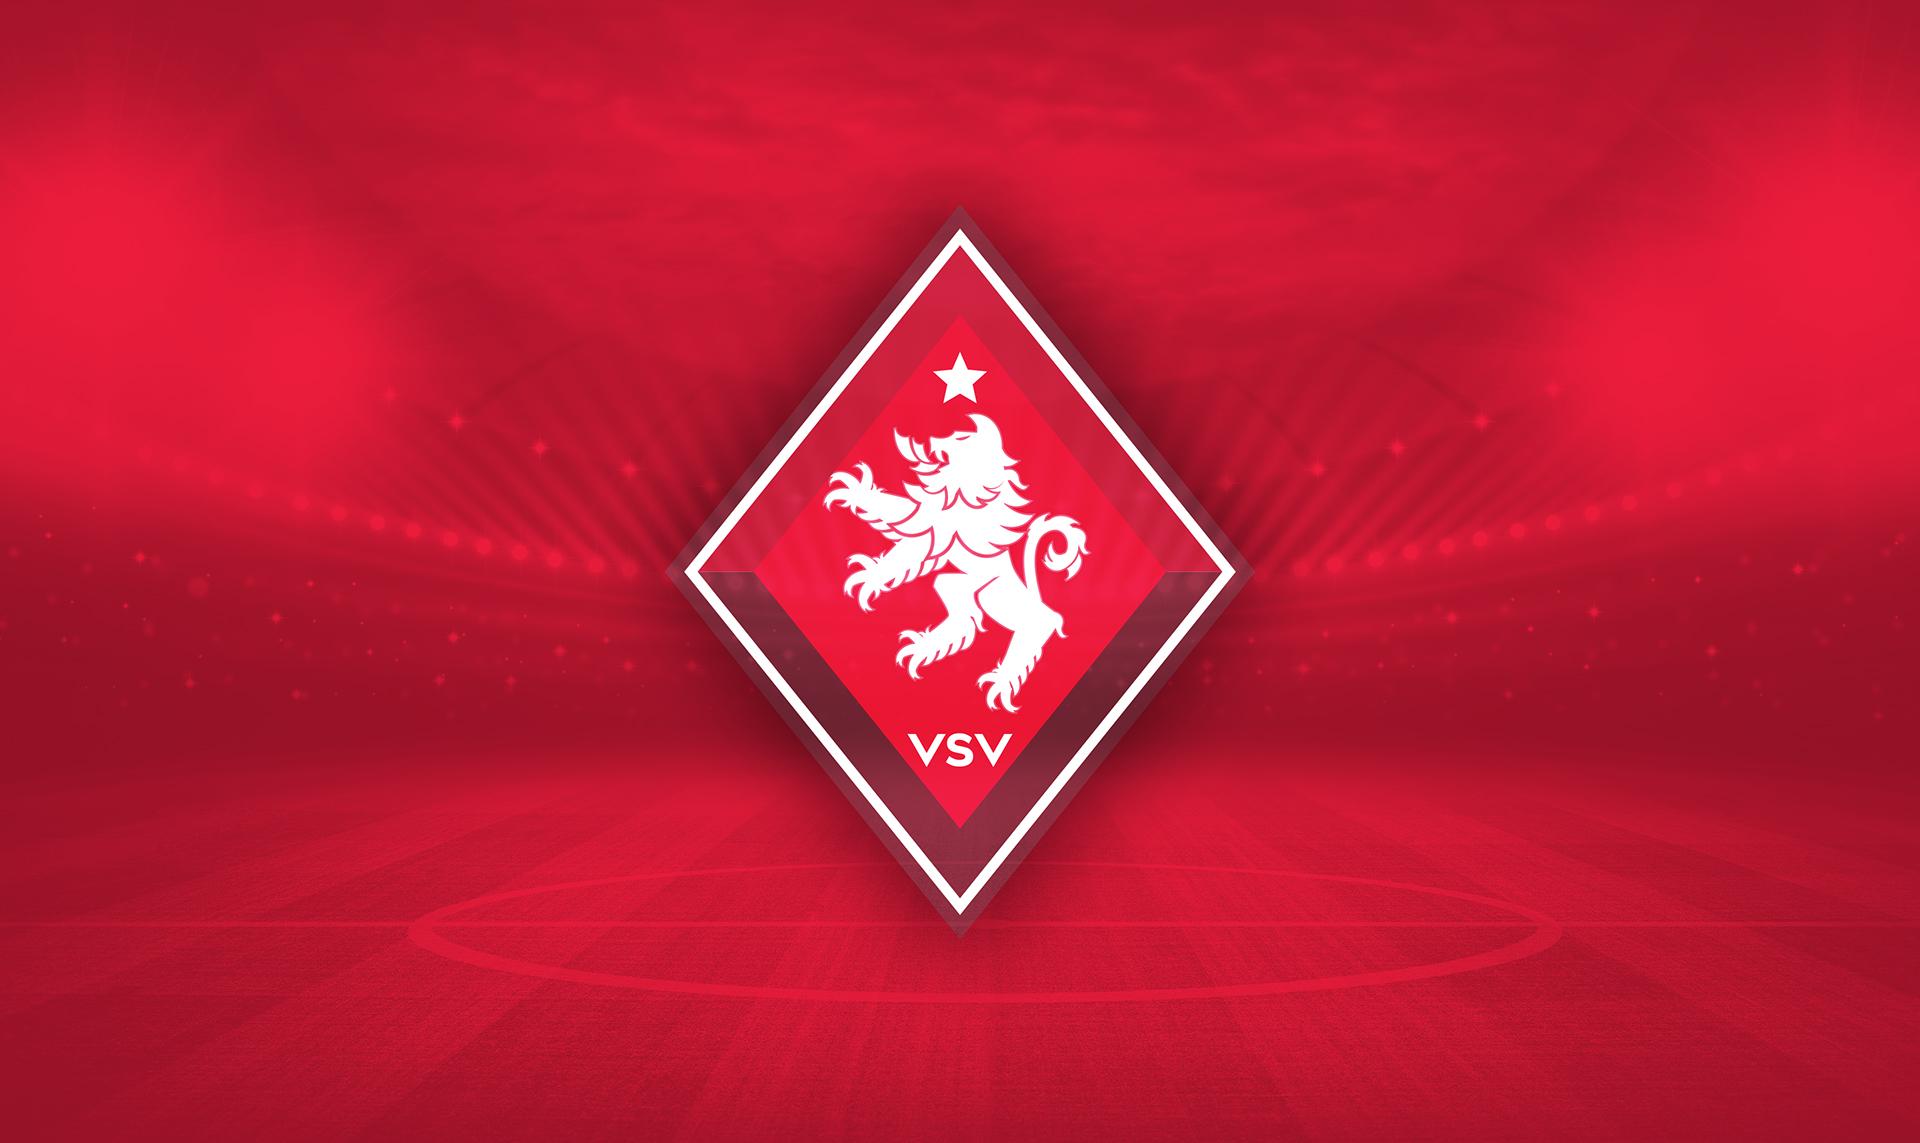 VSV Sporting